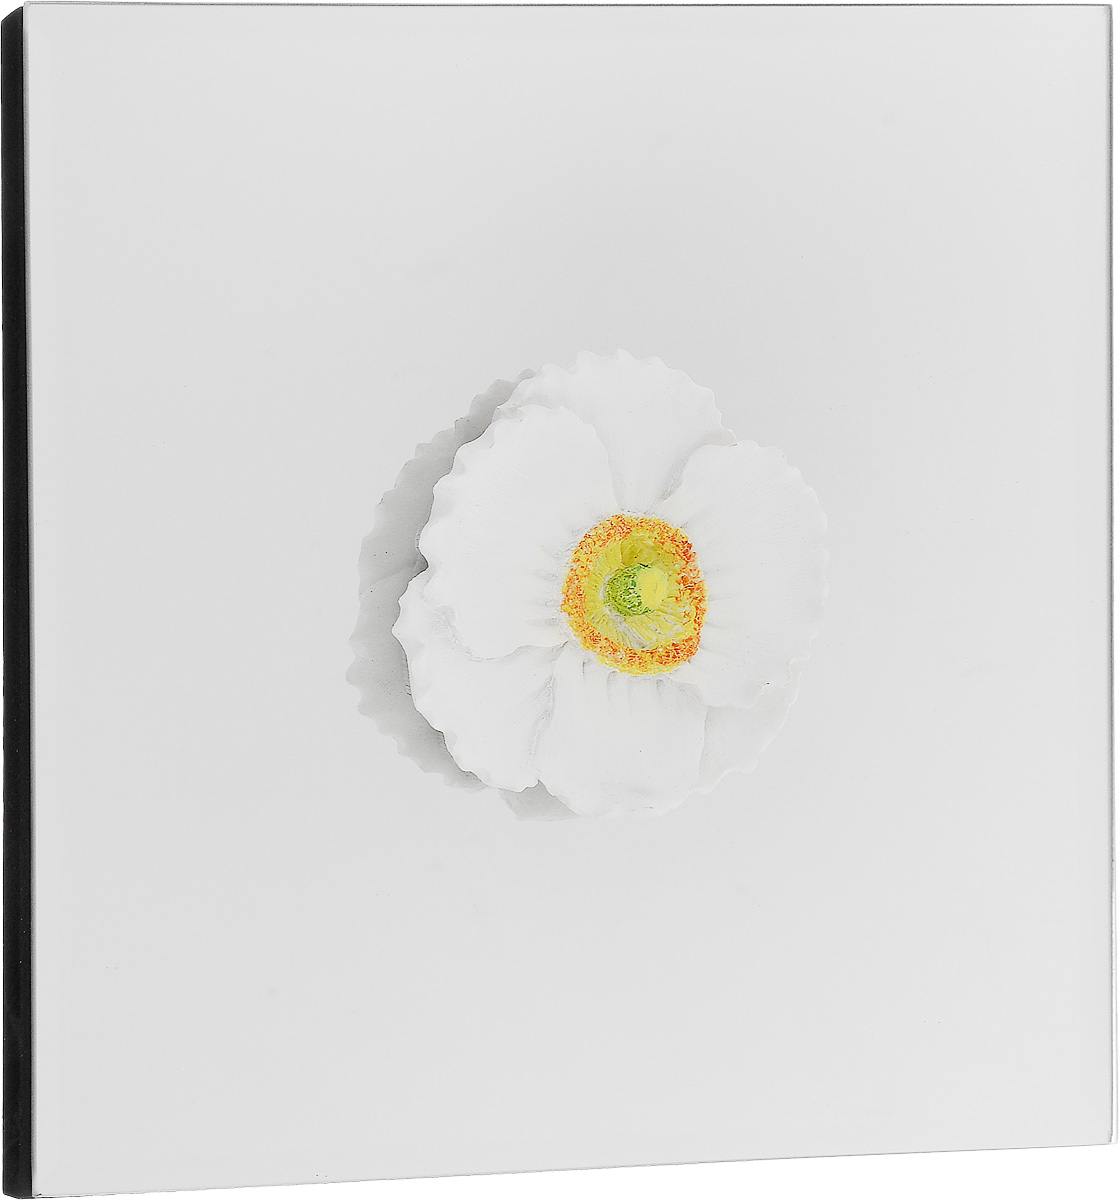 Украшение декоративное Феникс-Презент Цветок, настенное, 24 x 24 x 3 см феникс презент украшение варежка 14 см